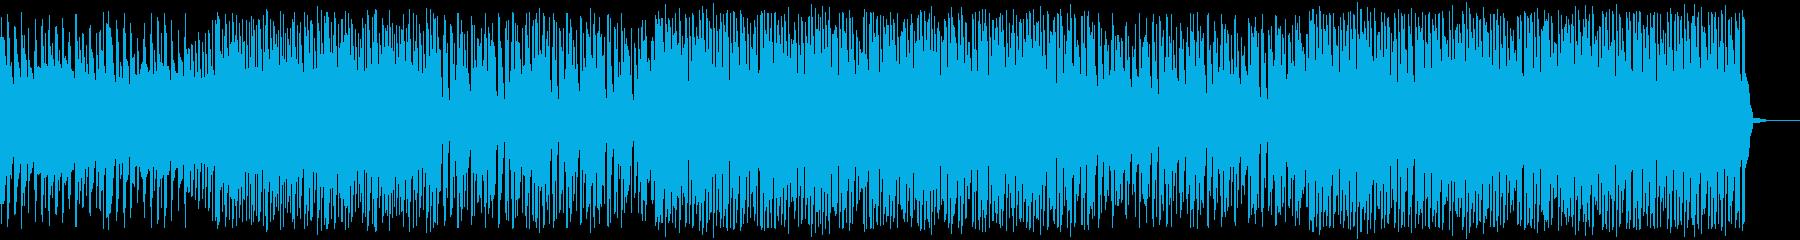 コミカルな探検BGM_No581_1の再生済みの波形